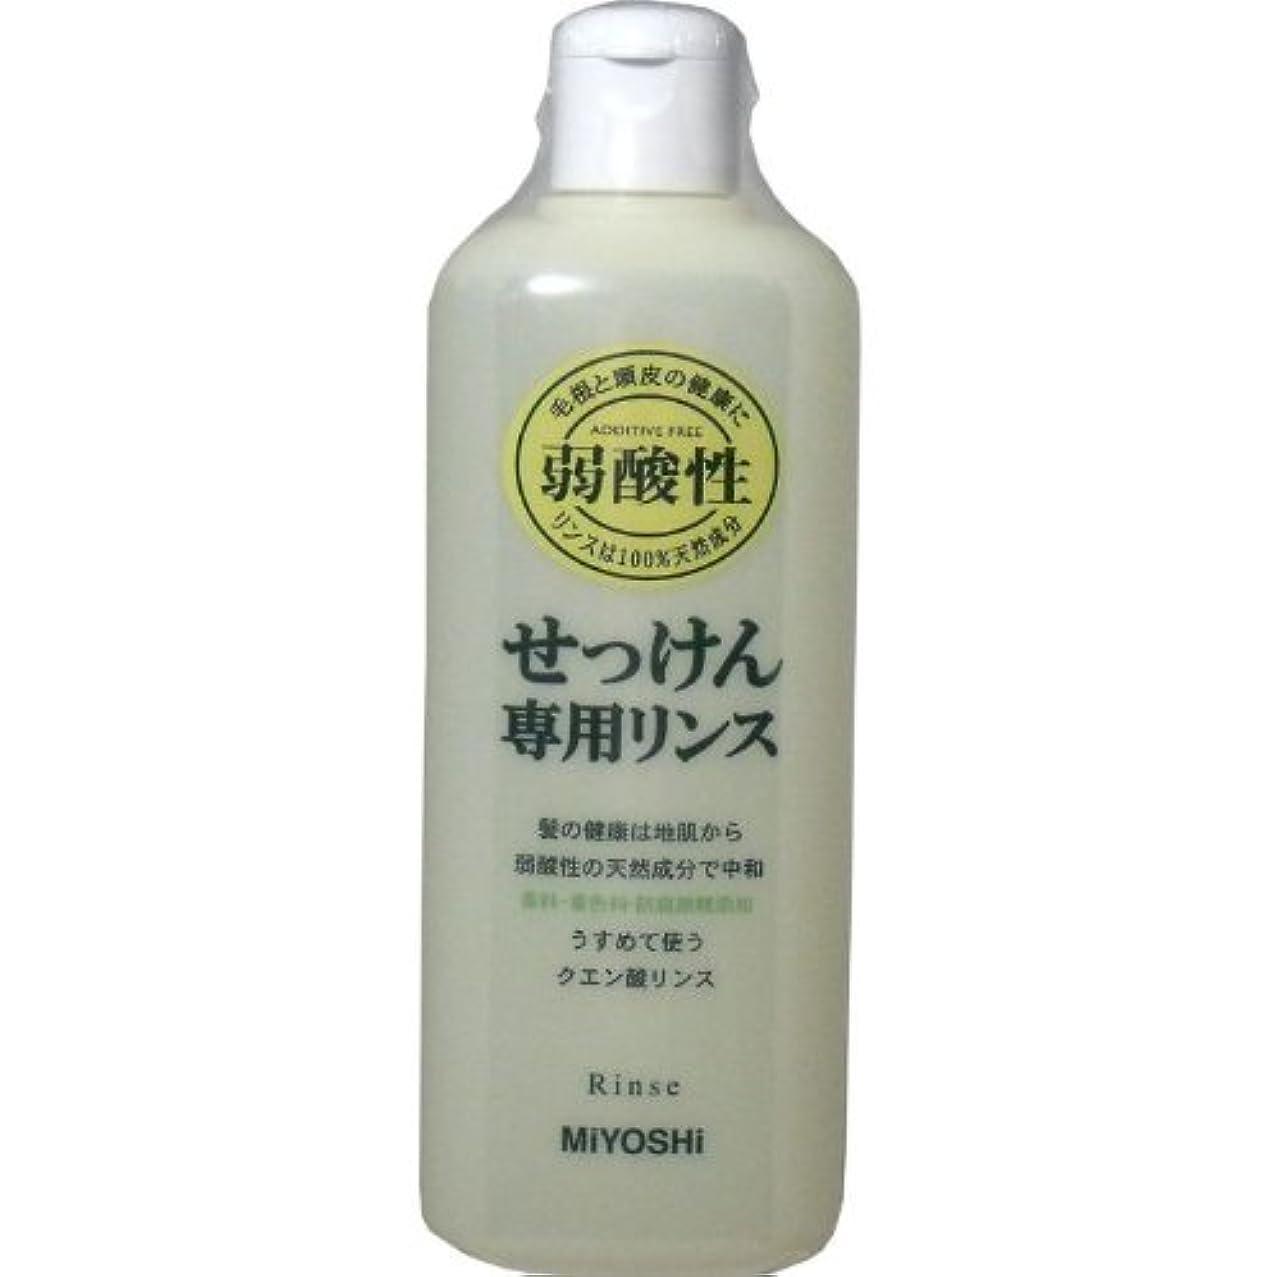 驚き回転させるピッチャー髪の健康は地肌から、弱酸性の天然成分で中和!!香料、防腐剤、着色料無添加!うすめて使うクエン酸リンス!リンス 350mL【4個セット】